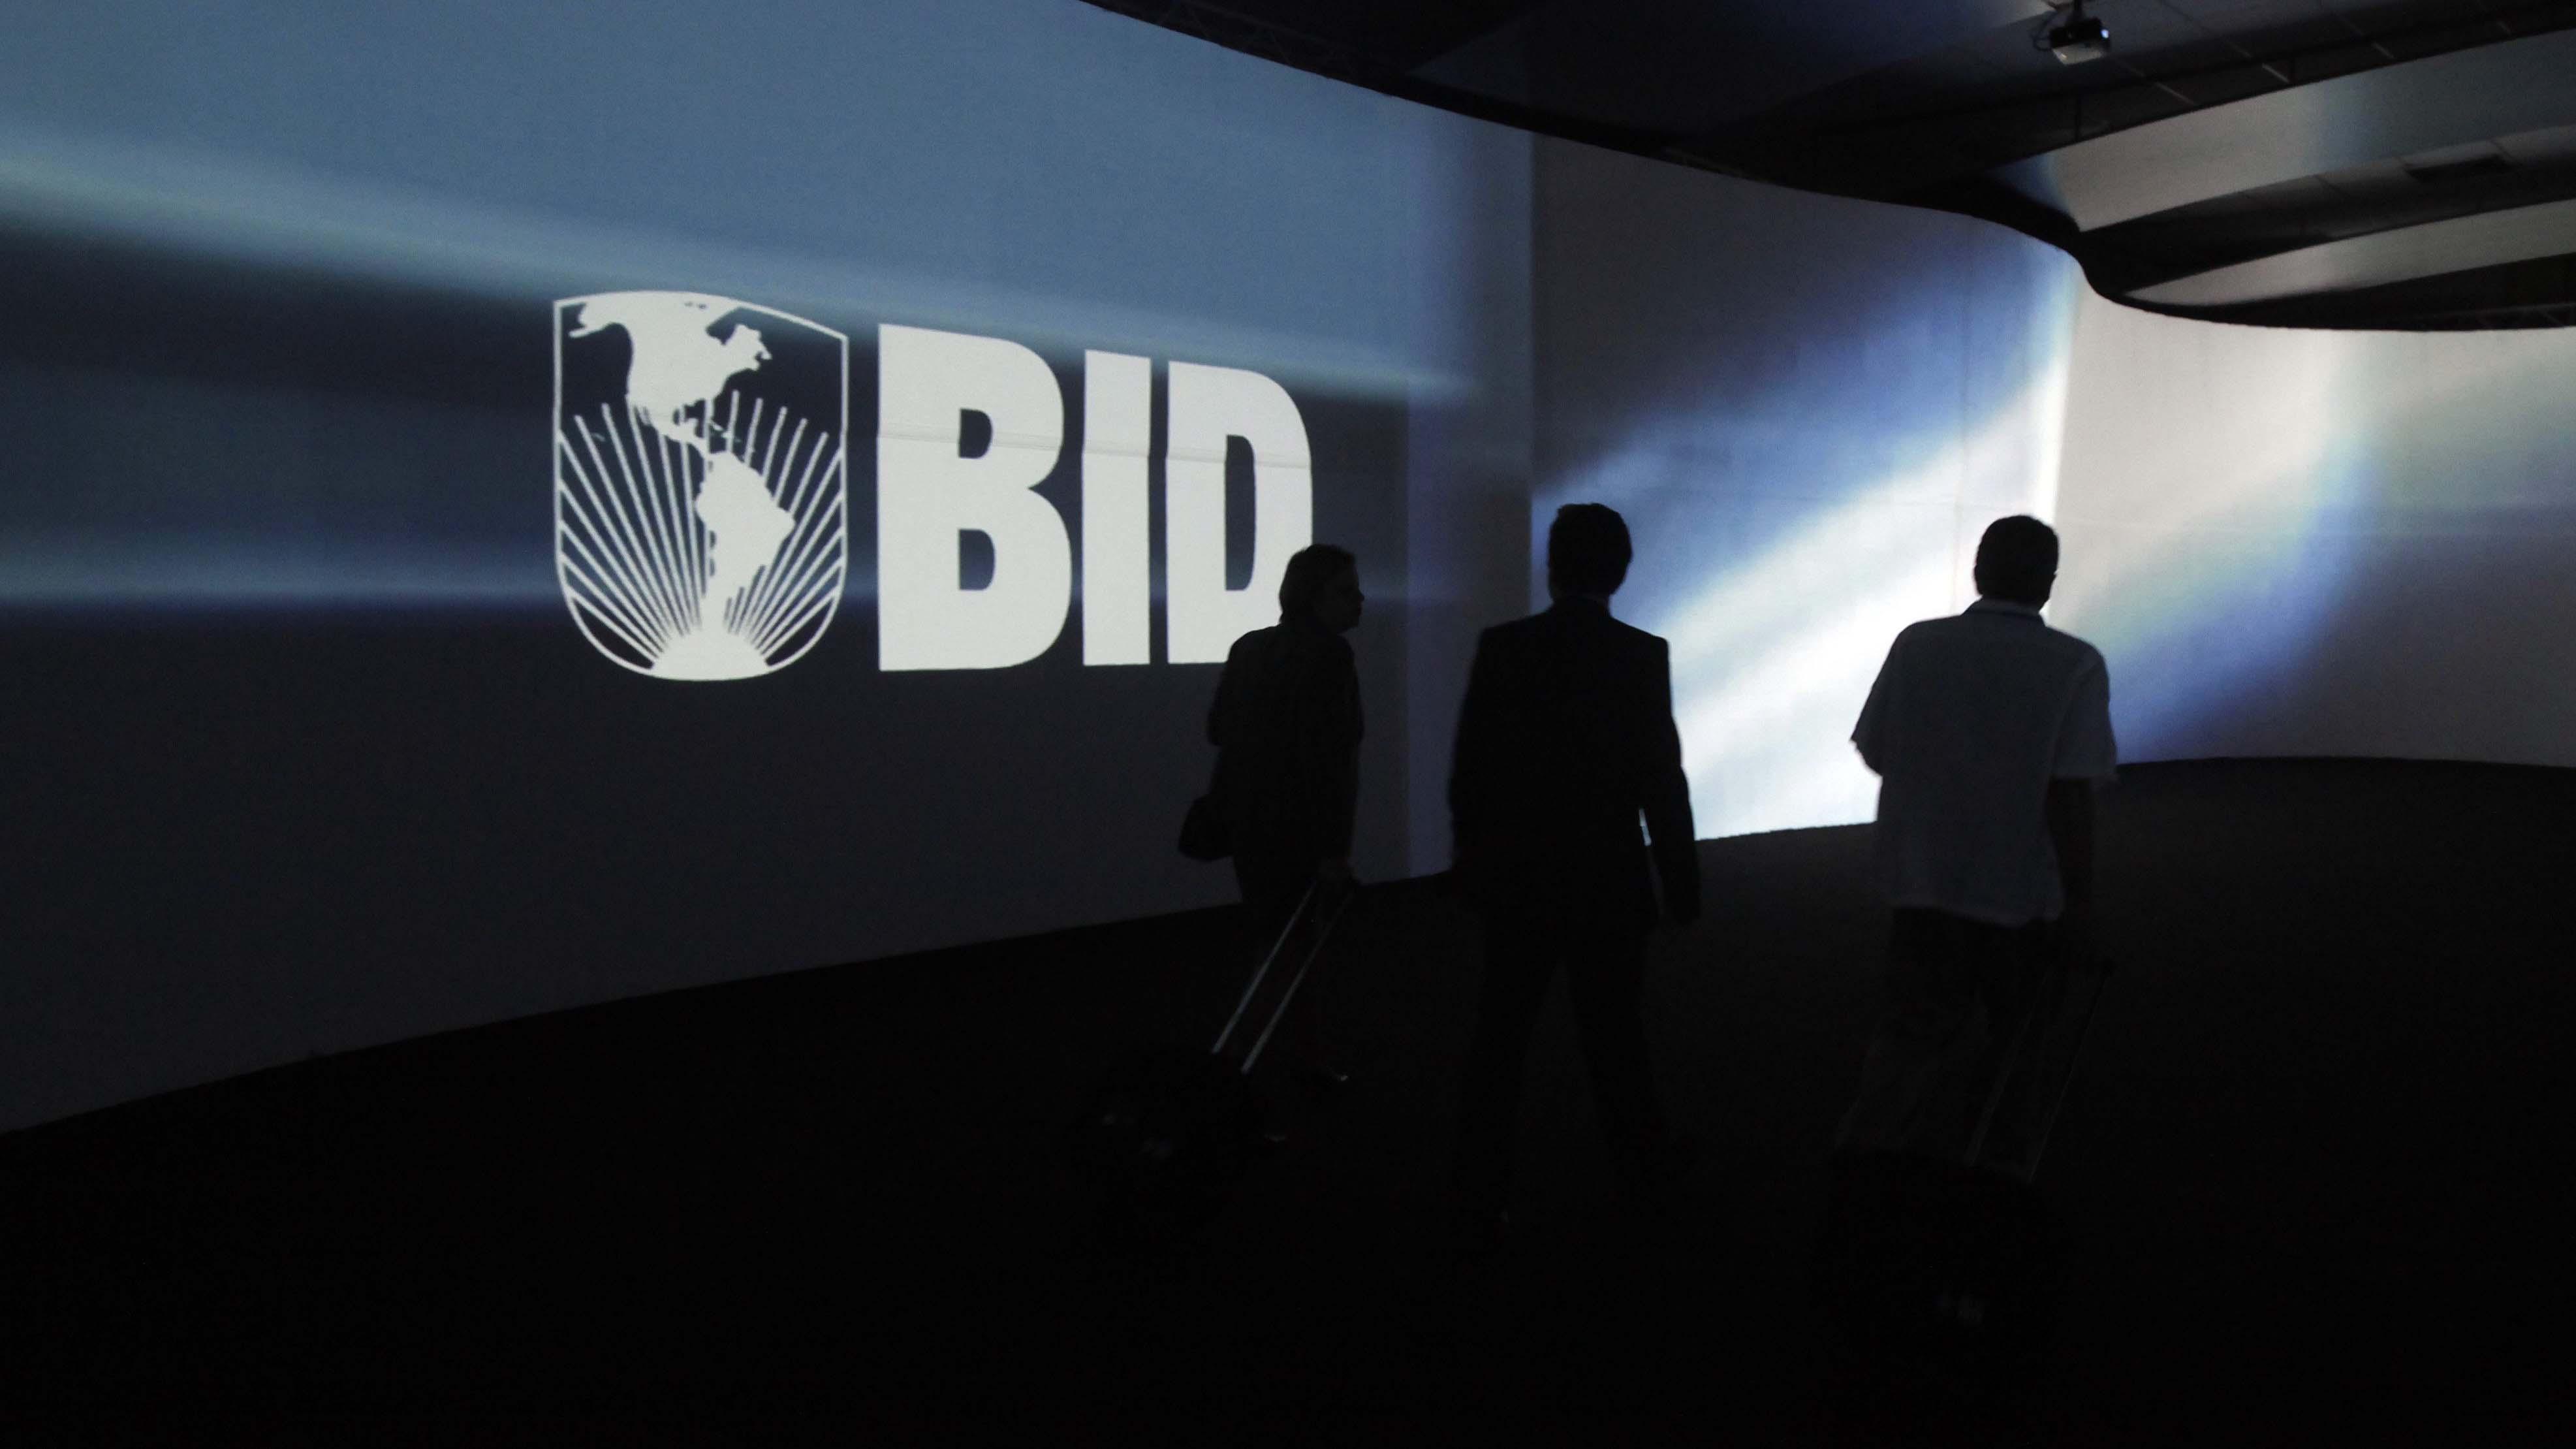 Piden al BID aplazar la elección interna por desacuerdos